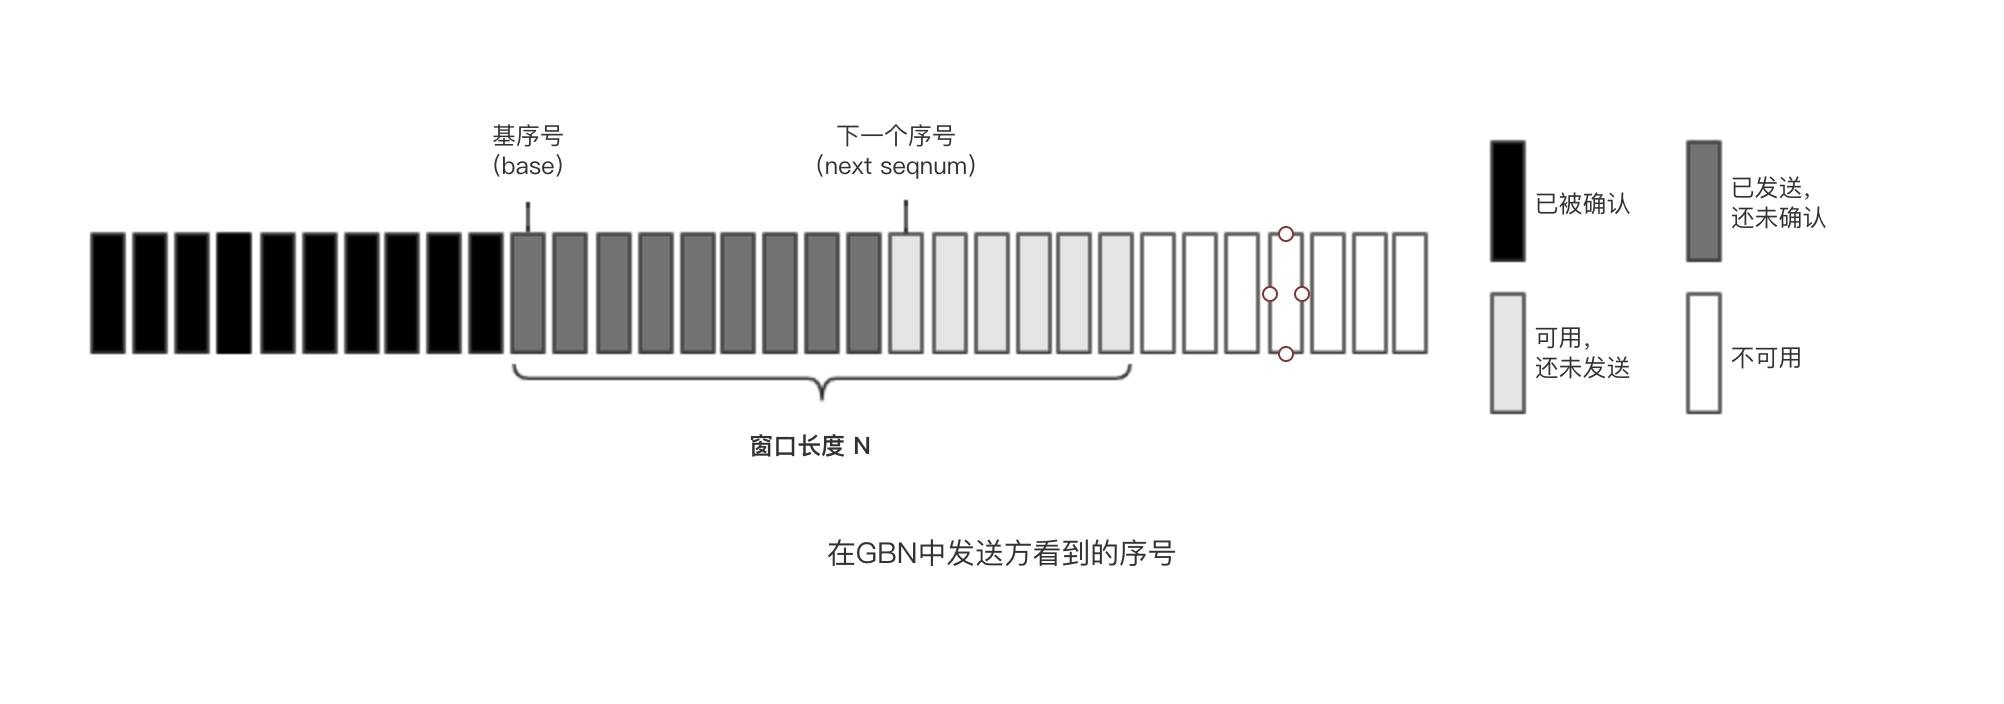 在GBN中发送方看到的序号